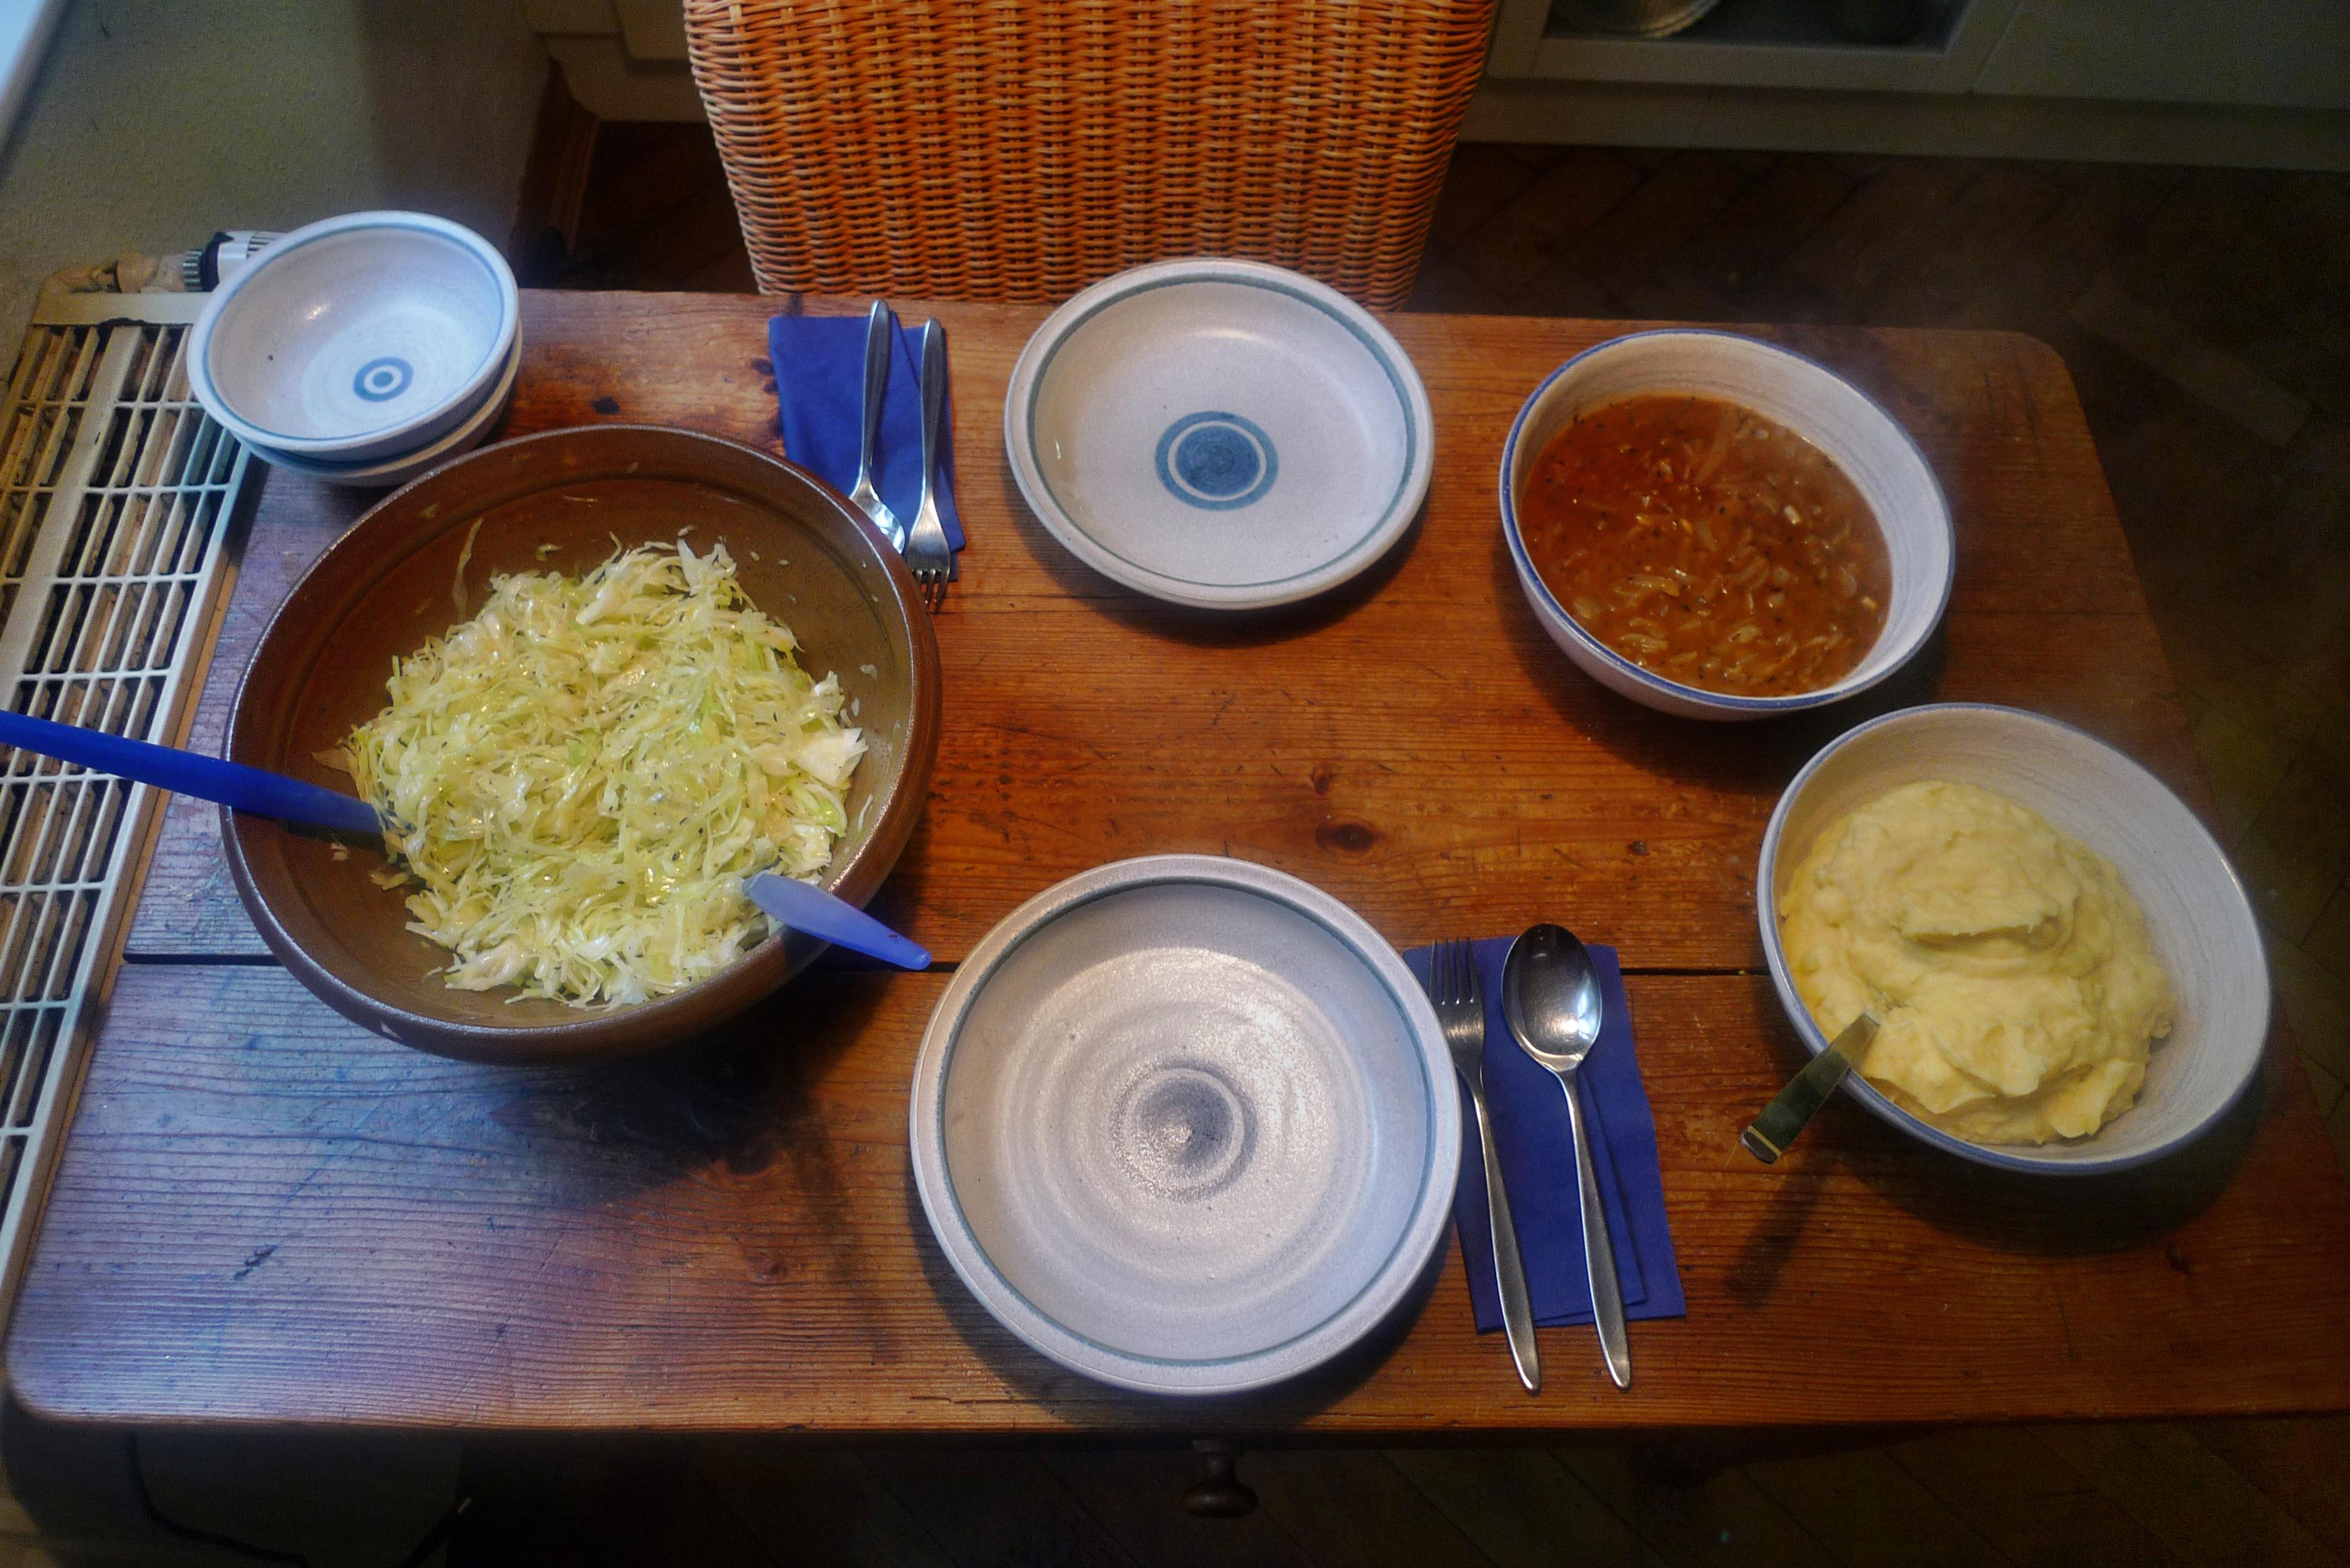 Zwiebelsoße,Kartoffelbrei,Krautsalat,Birnenkompott - 11.10.14   (16)